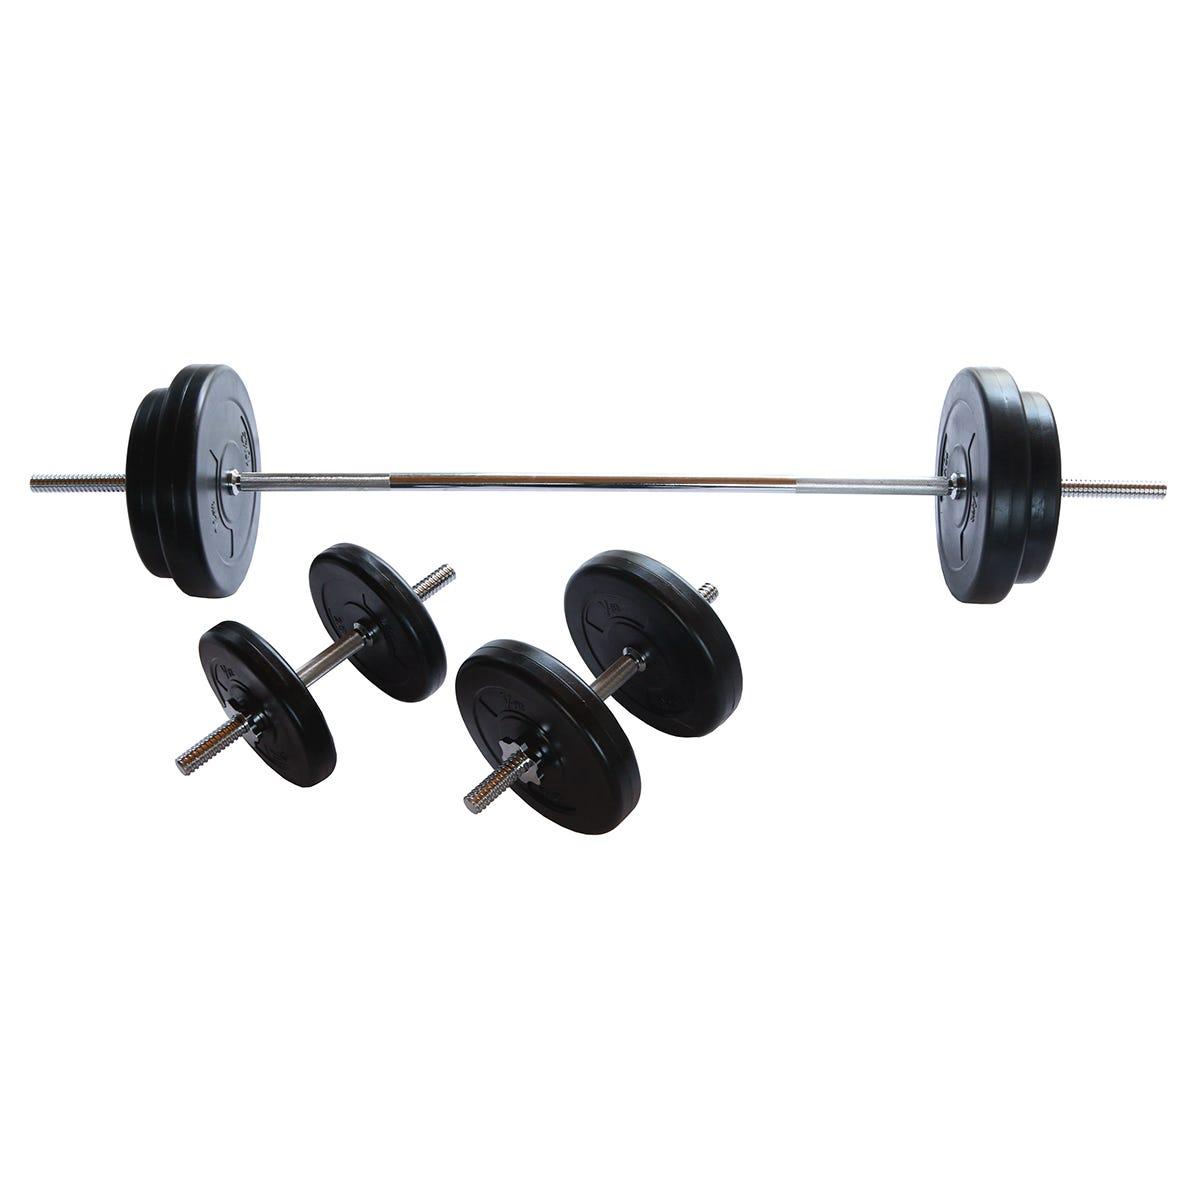 V-fit 50kg Barbell Dumbbell Weight Set